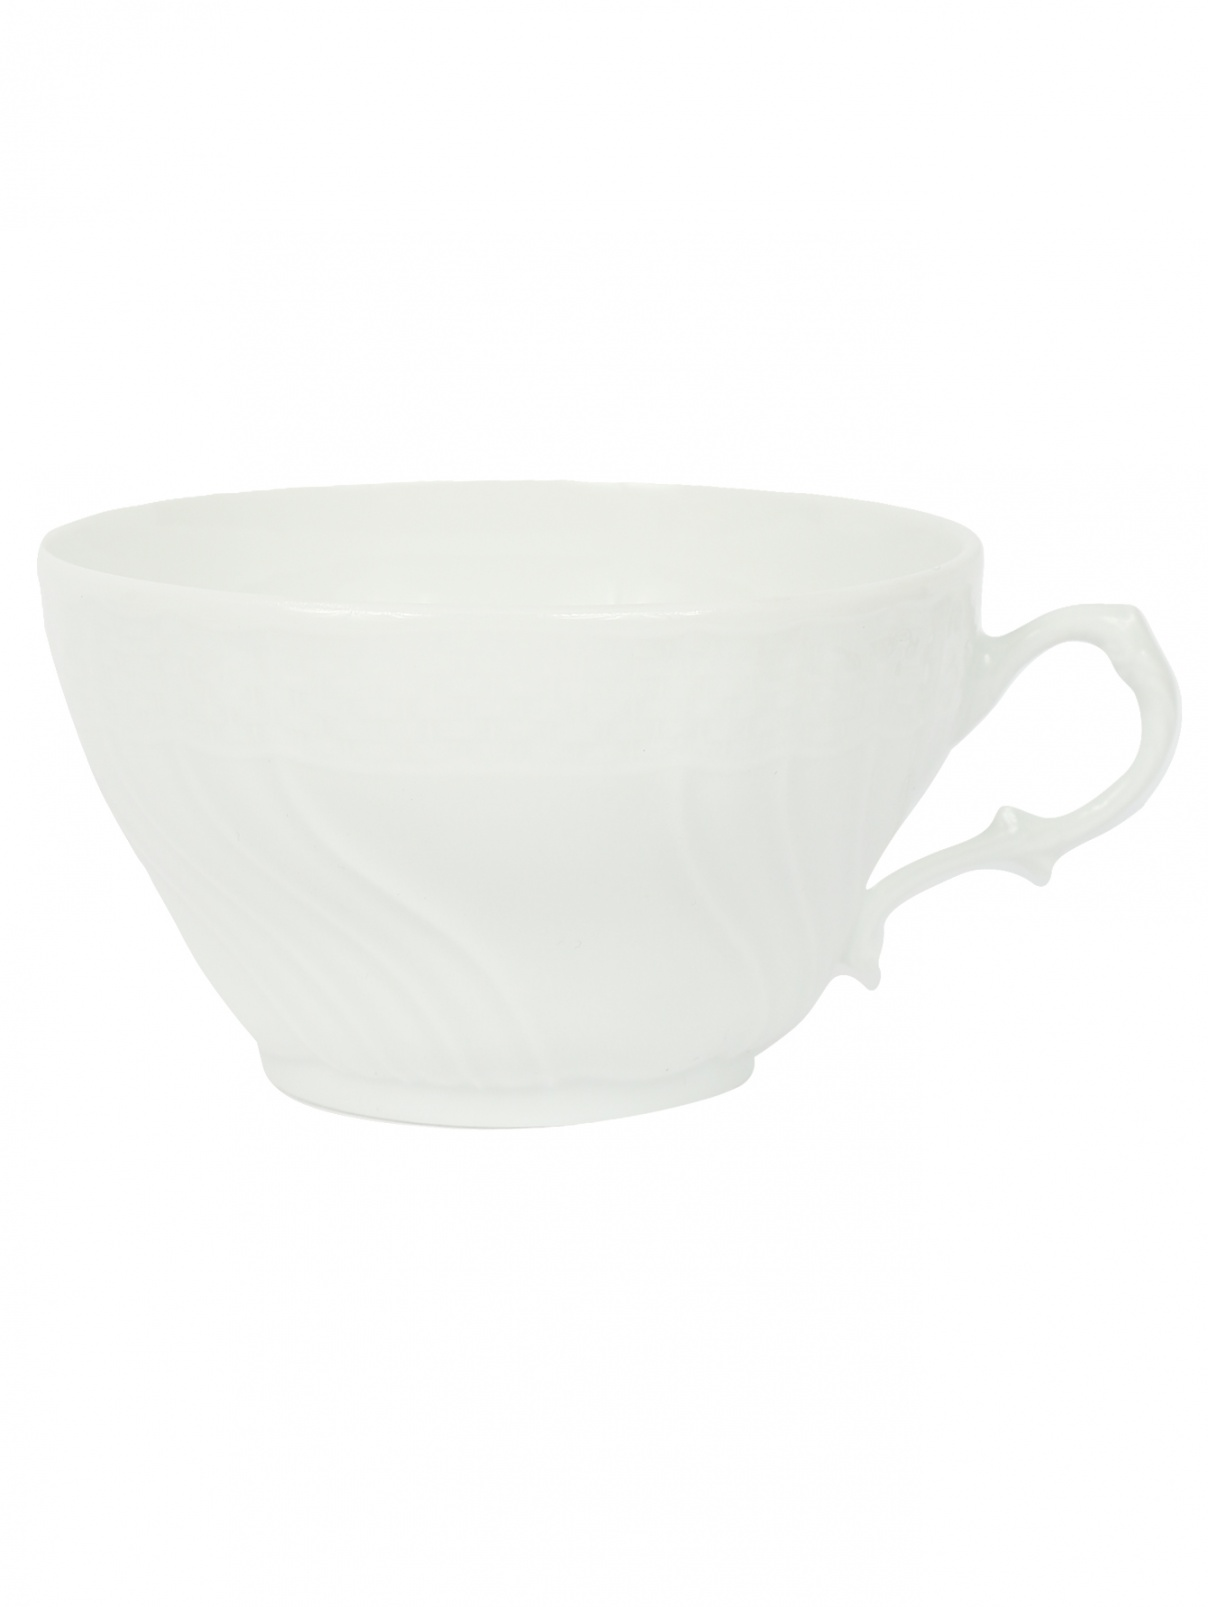 Чайная чашка с рельефным орнаментом Ginori 1735  –  Общий вид